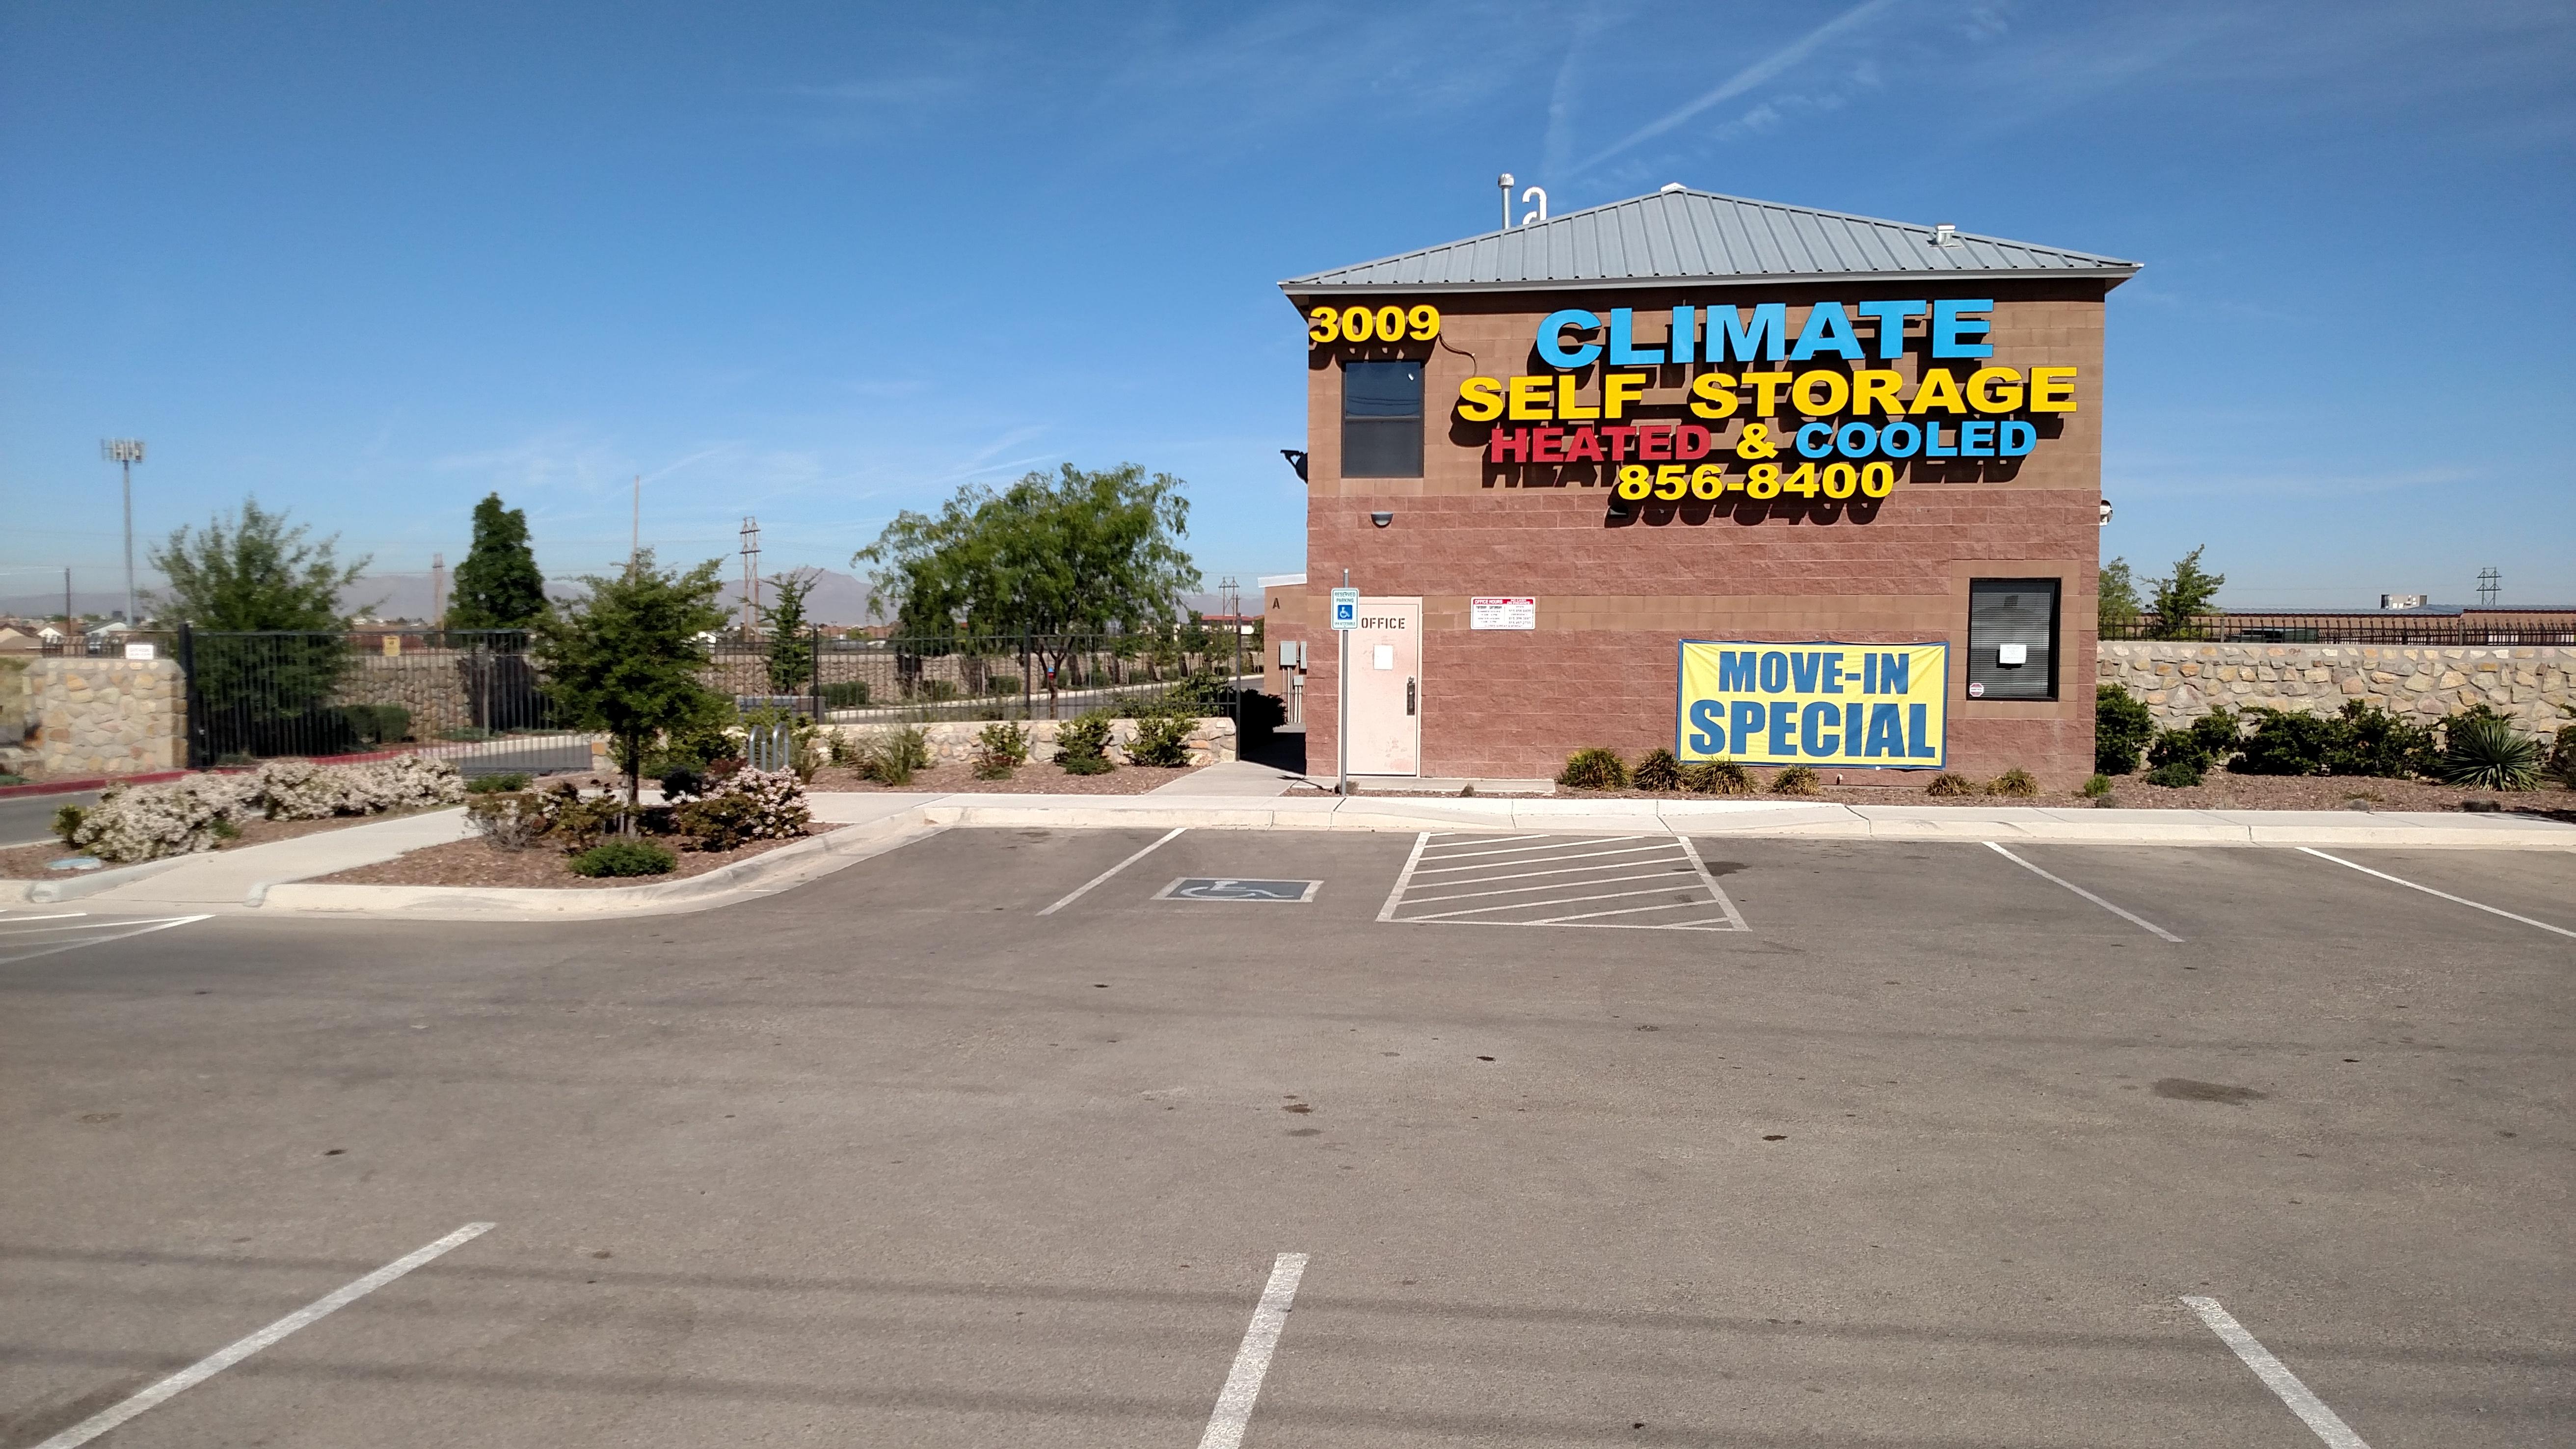 Self Storage in El Paso, TX